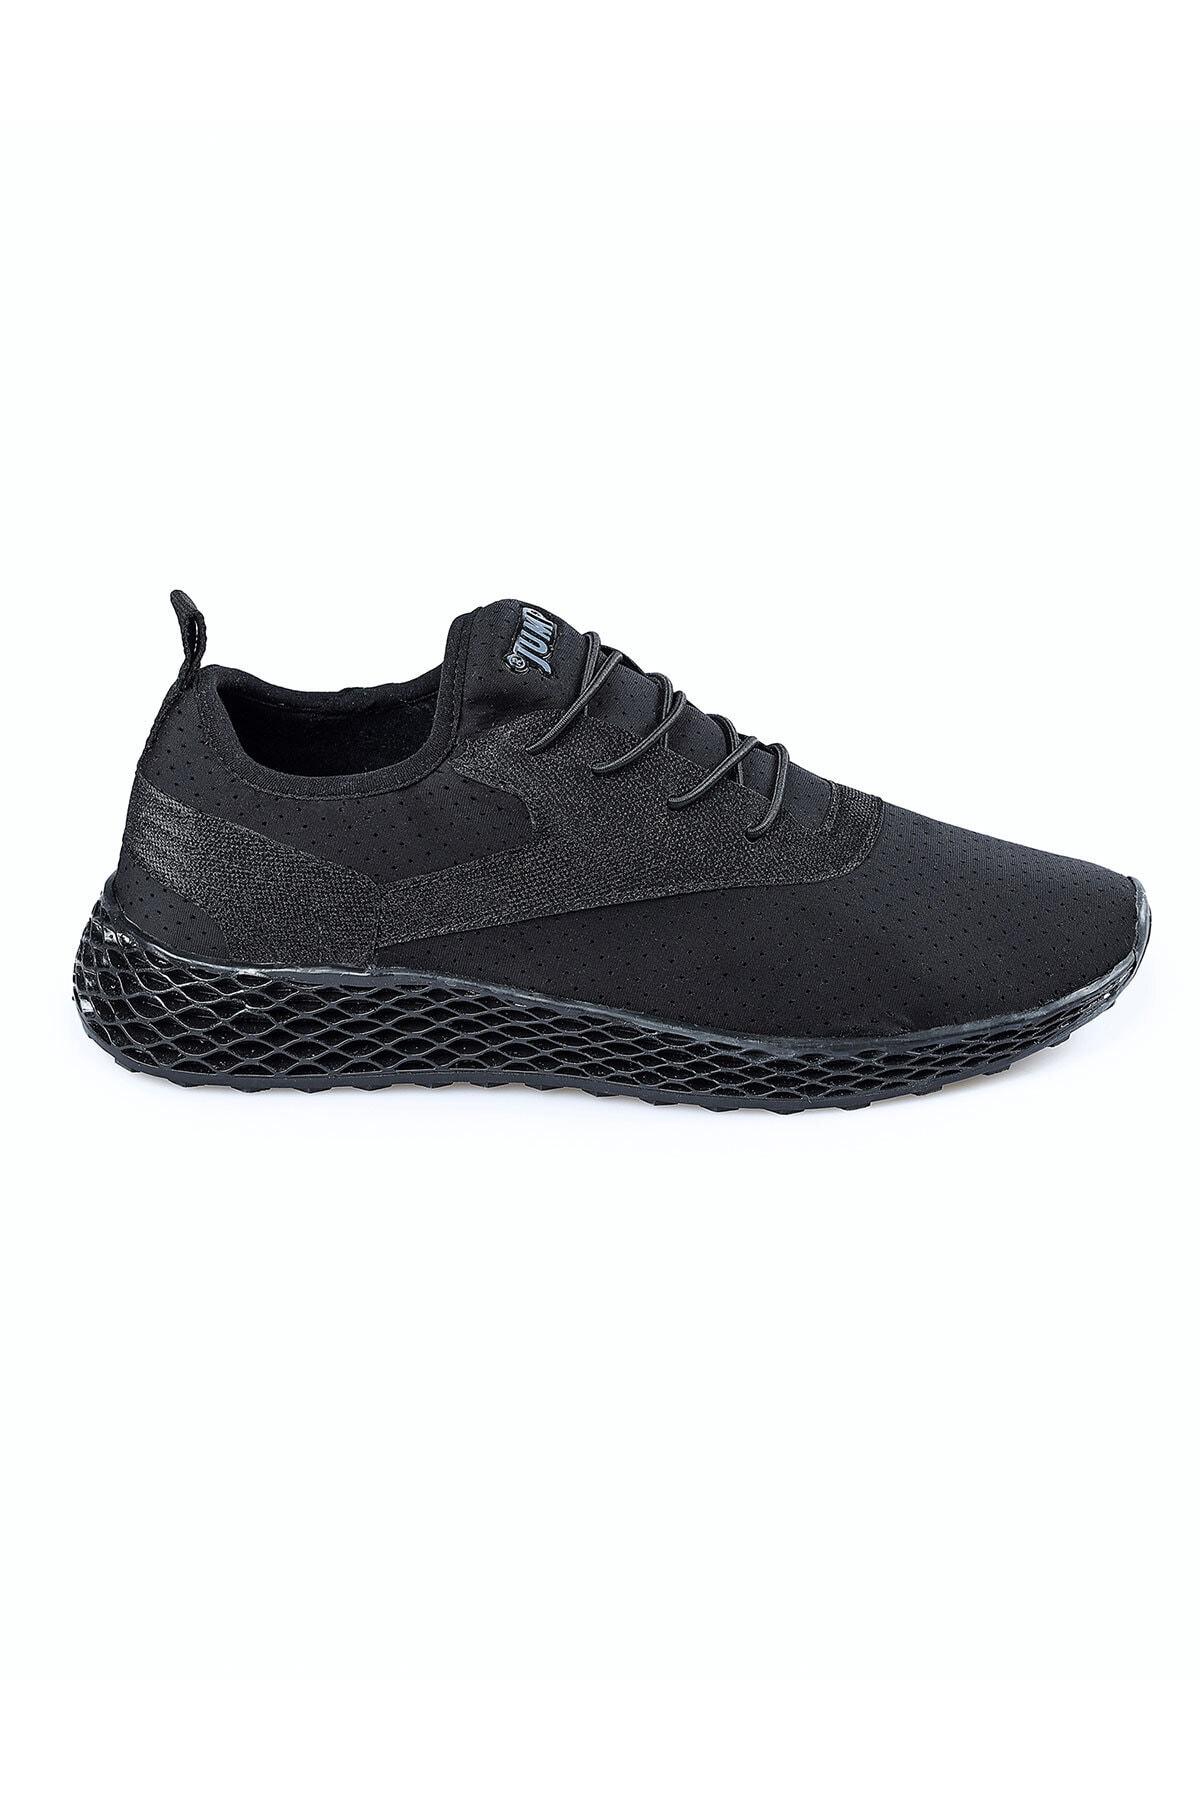 Kadın Siyah Günlük Ortopedik Spor Ayakkabı  24897